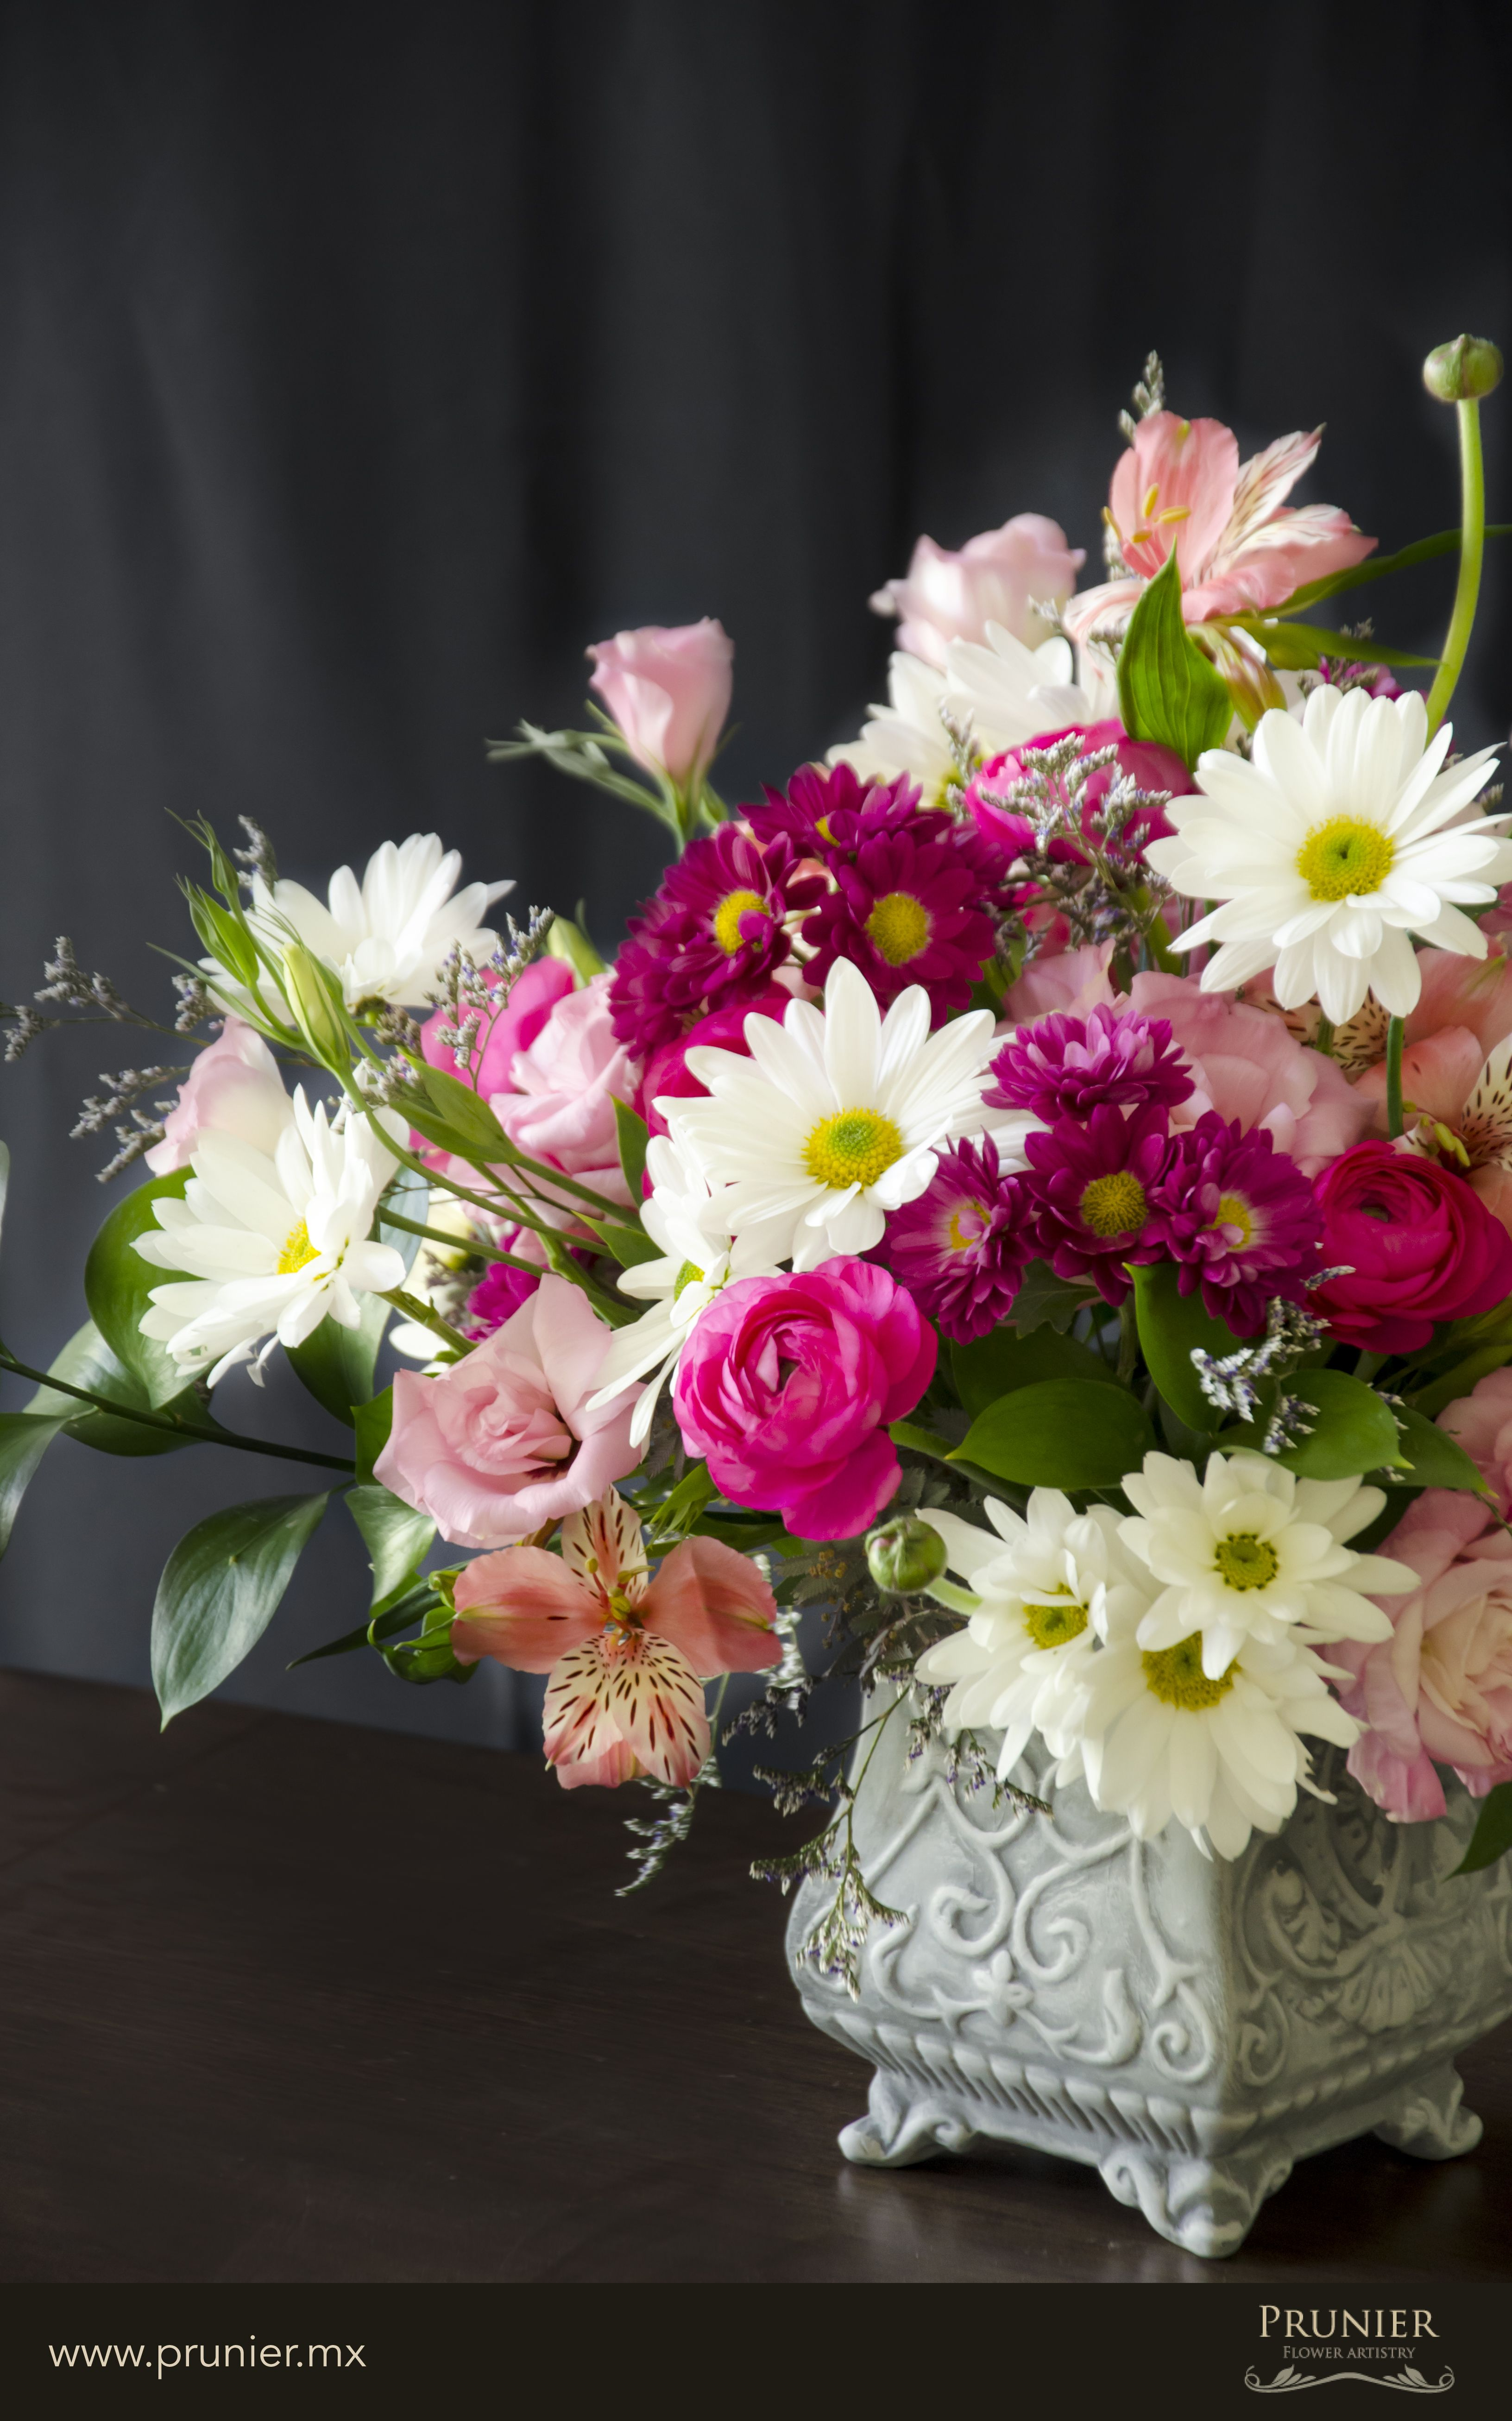 Arreglo Floral Arrangement De Fleurs Flower Arrangement